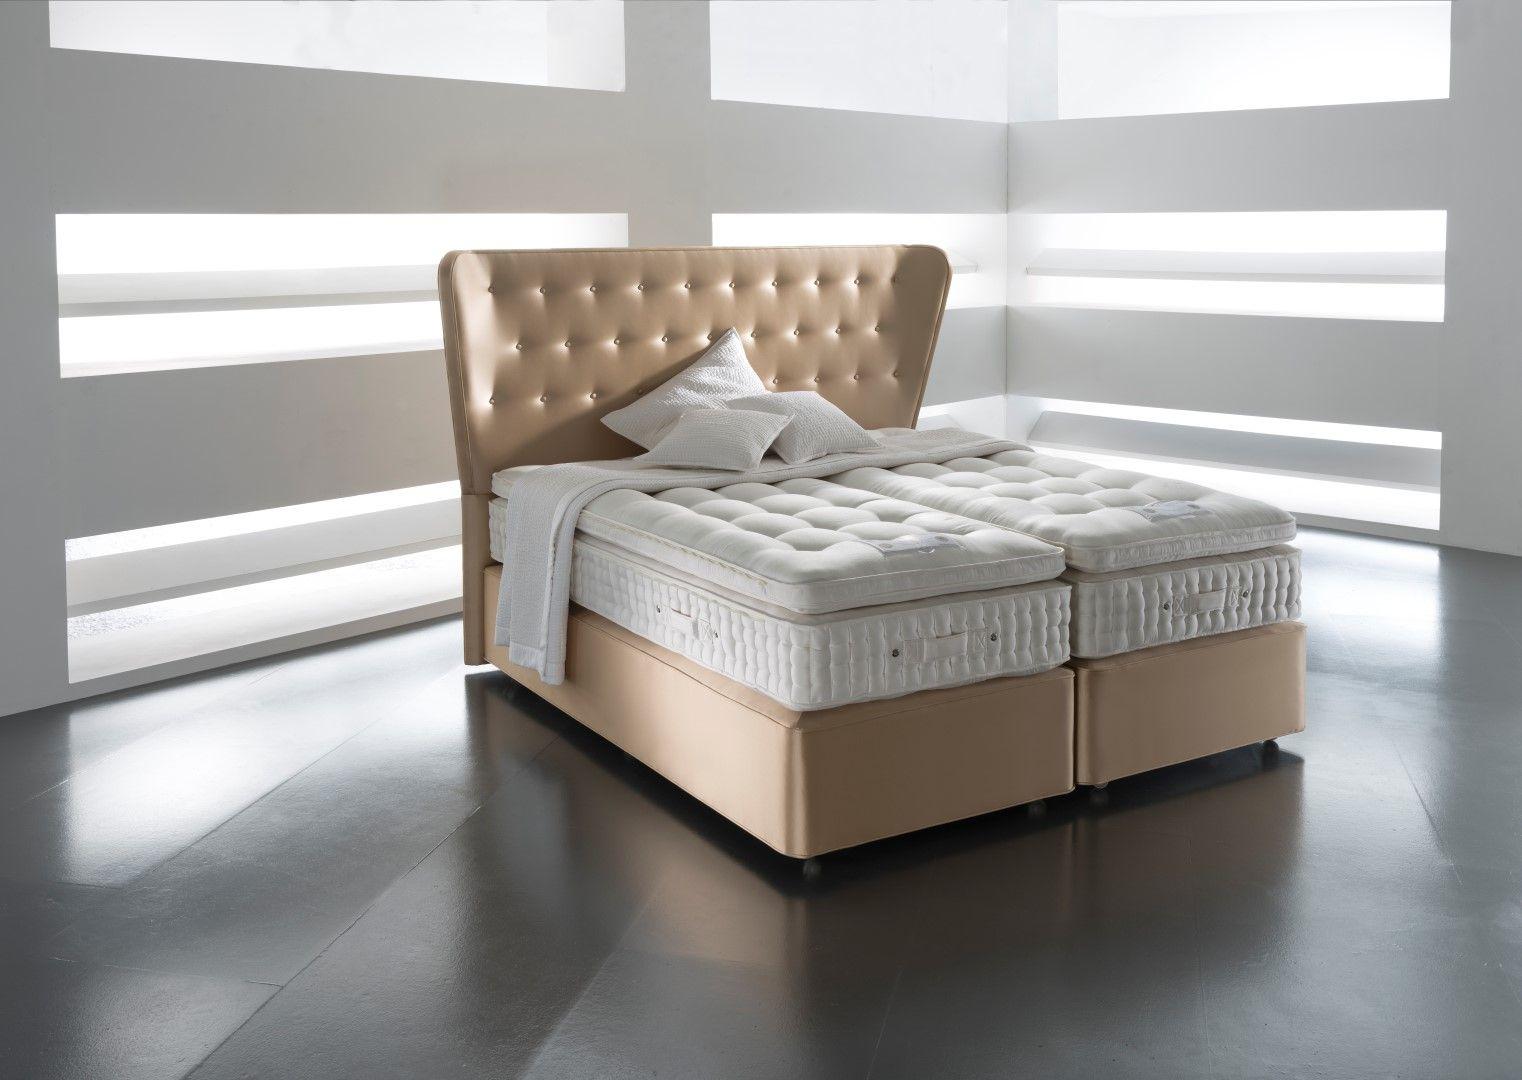 Full Size of Klassischer Luxus Mit Dem Ritz 16200 Von Somnus Bett Gebrauchte Betten Designer Trends Boxspring 140x200 Französische Paradies Weiße Frankfurt Hasena Bock Bett Somnus Betten